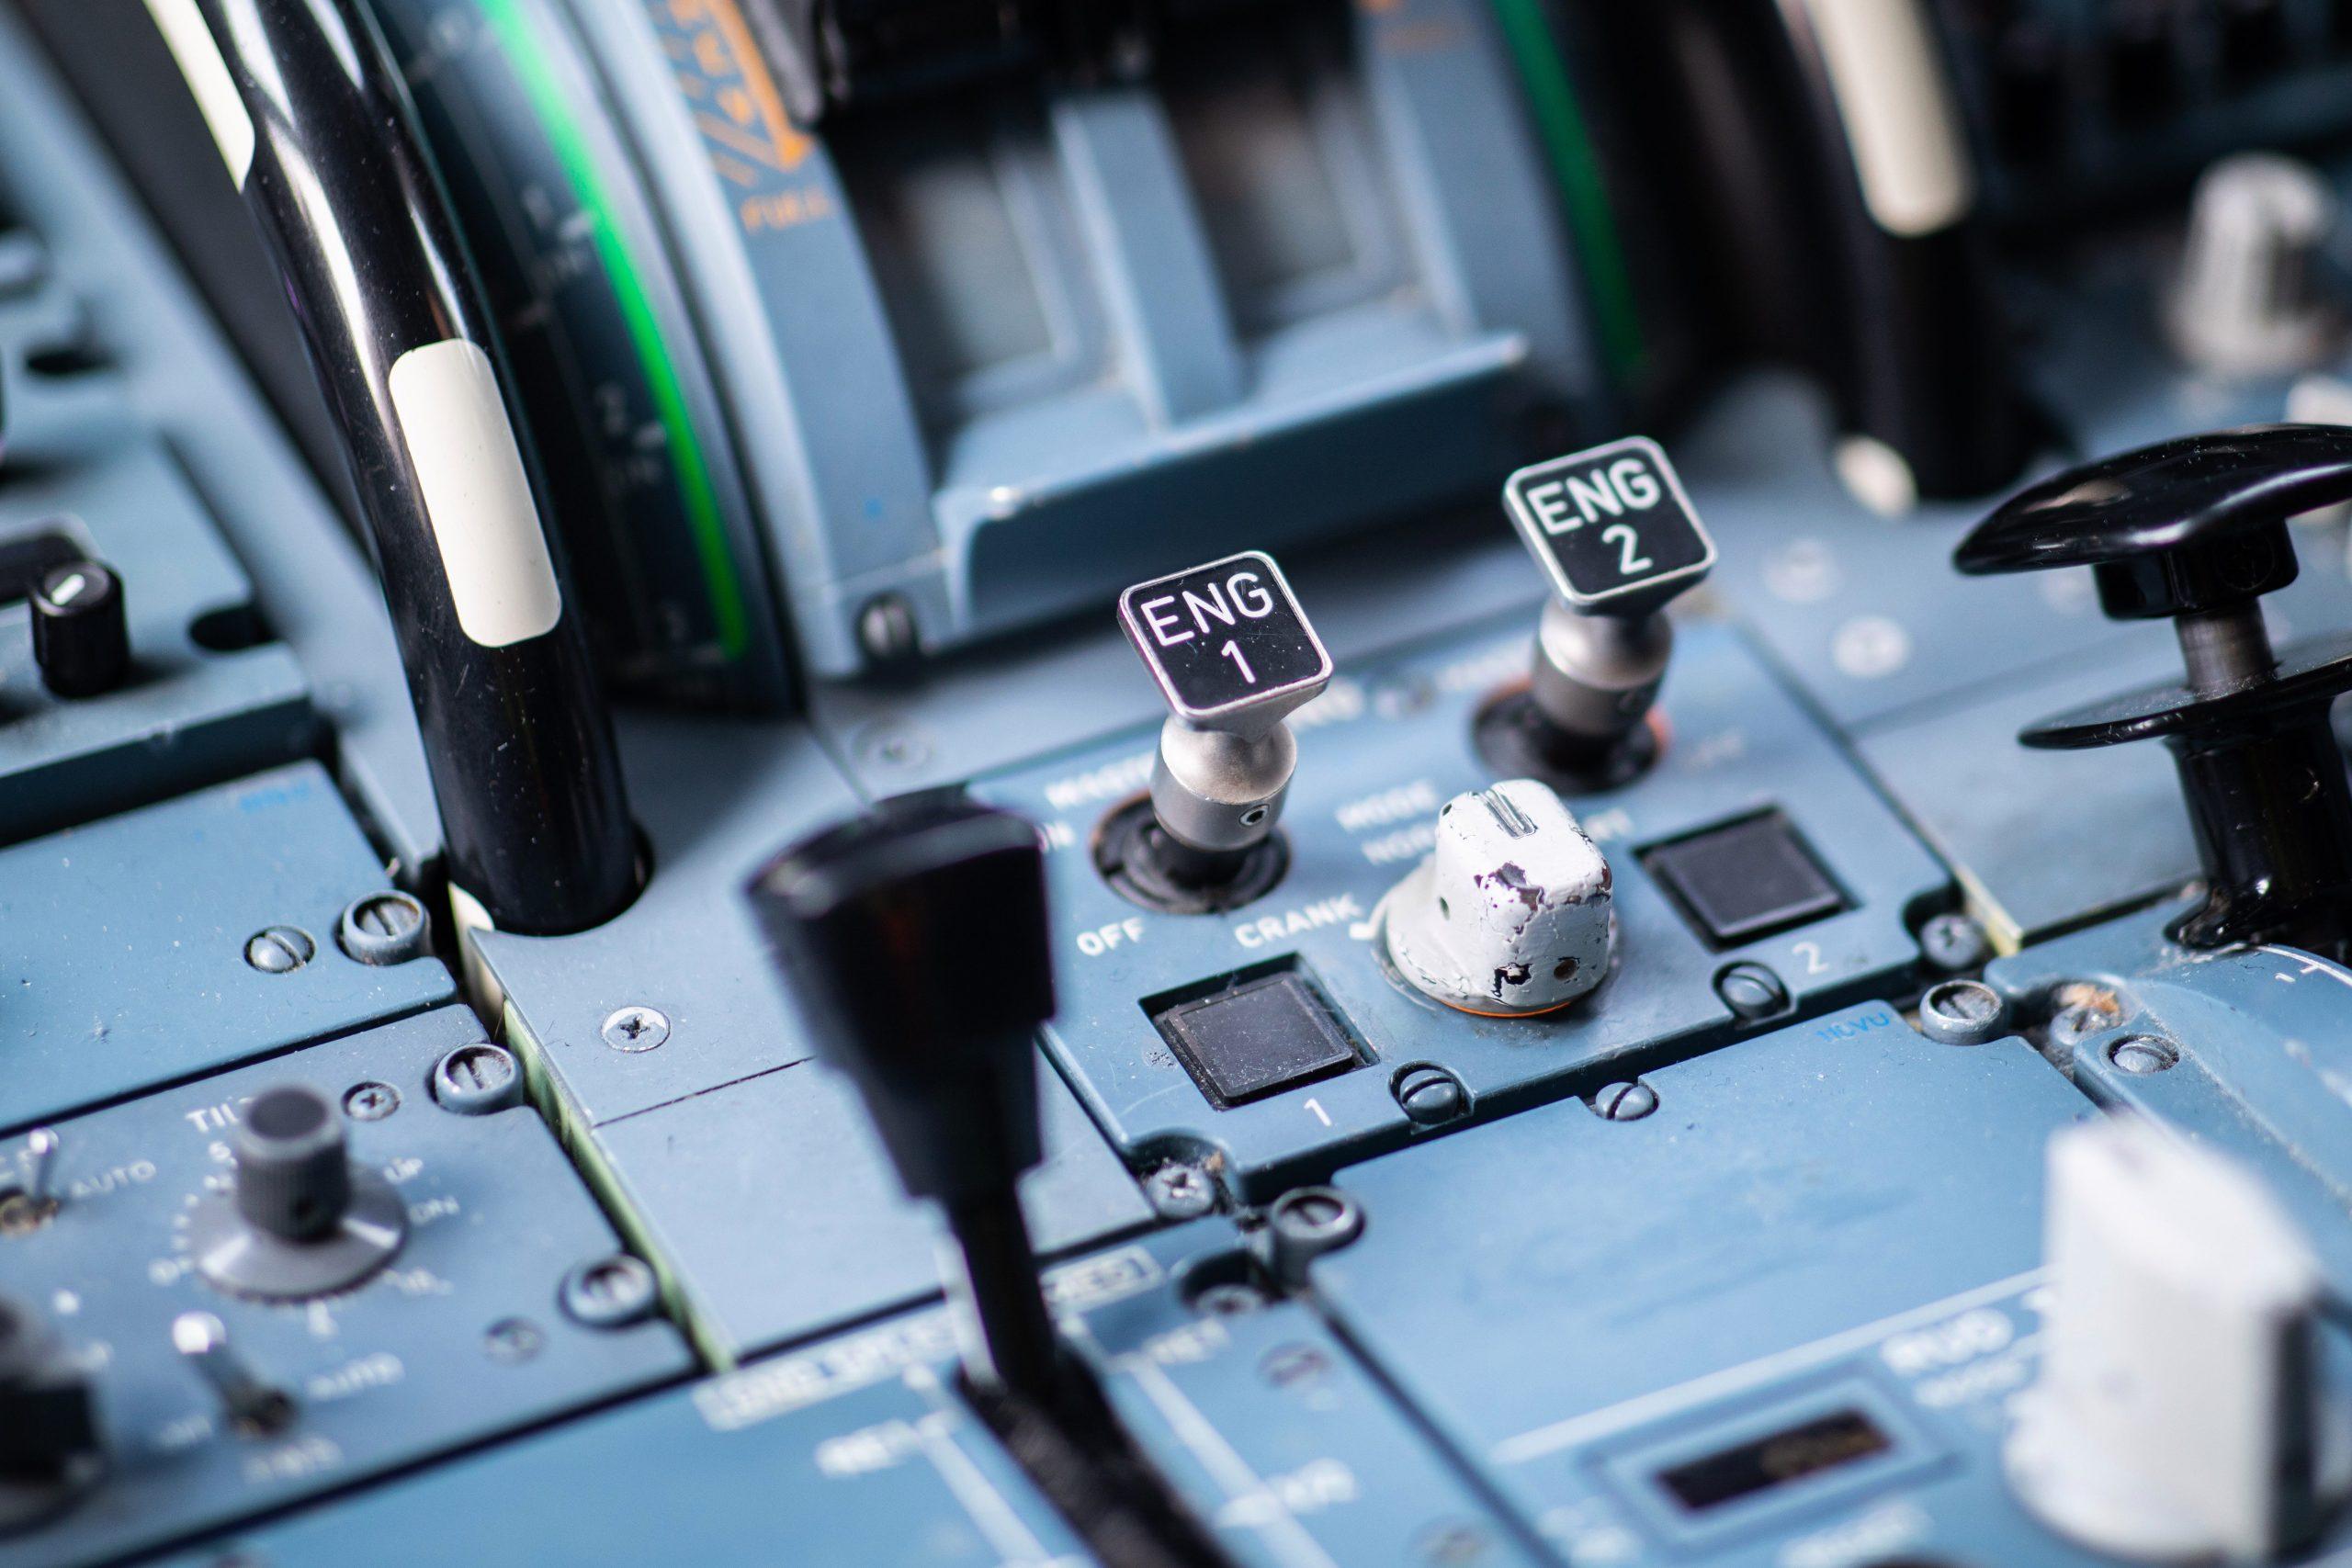 Los pilotos no quieren estar solos en la cabina - Prensa Libre